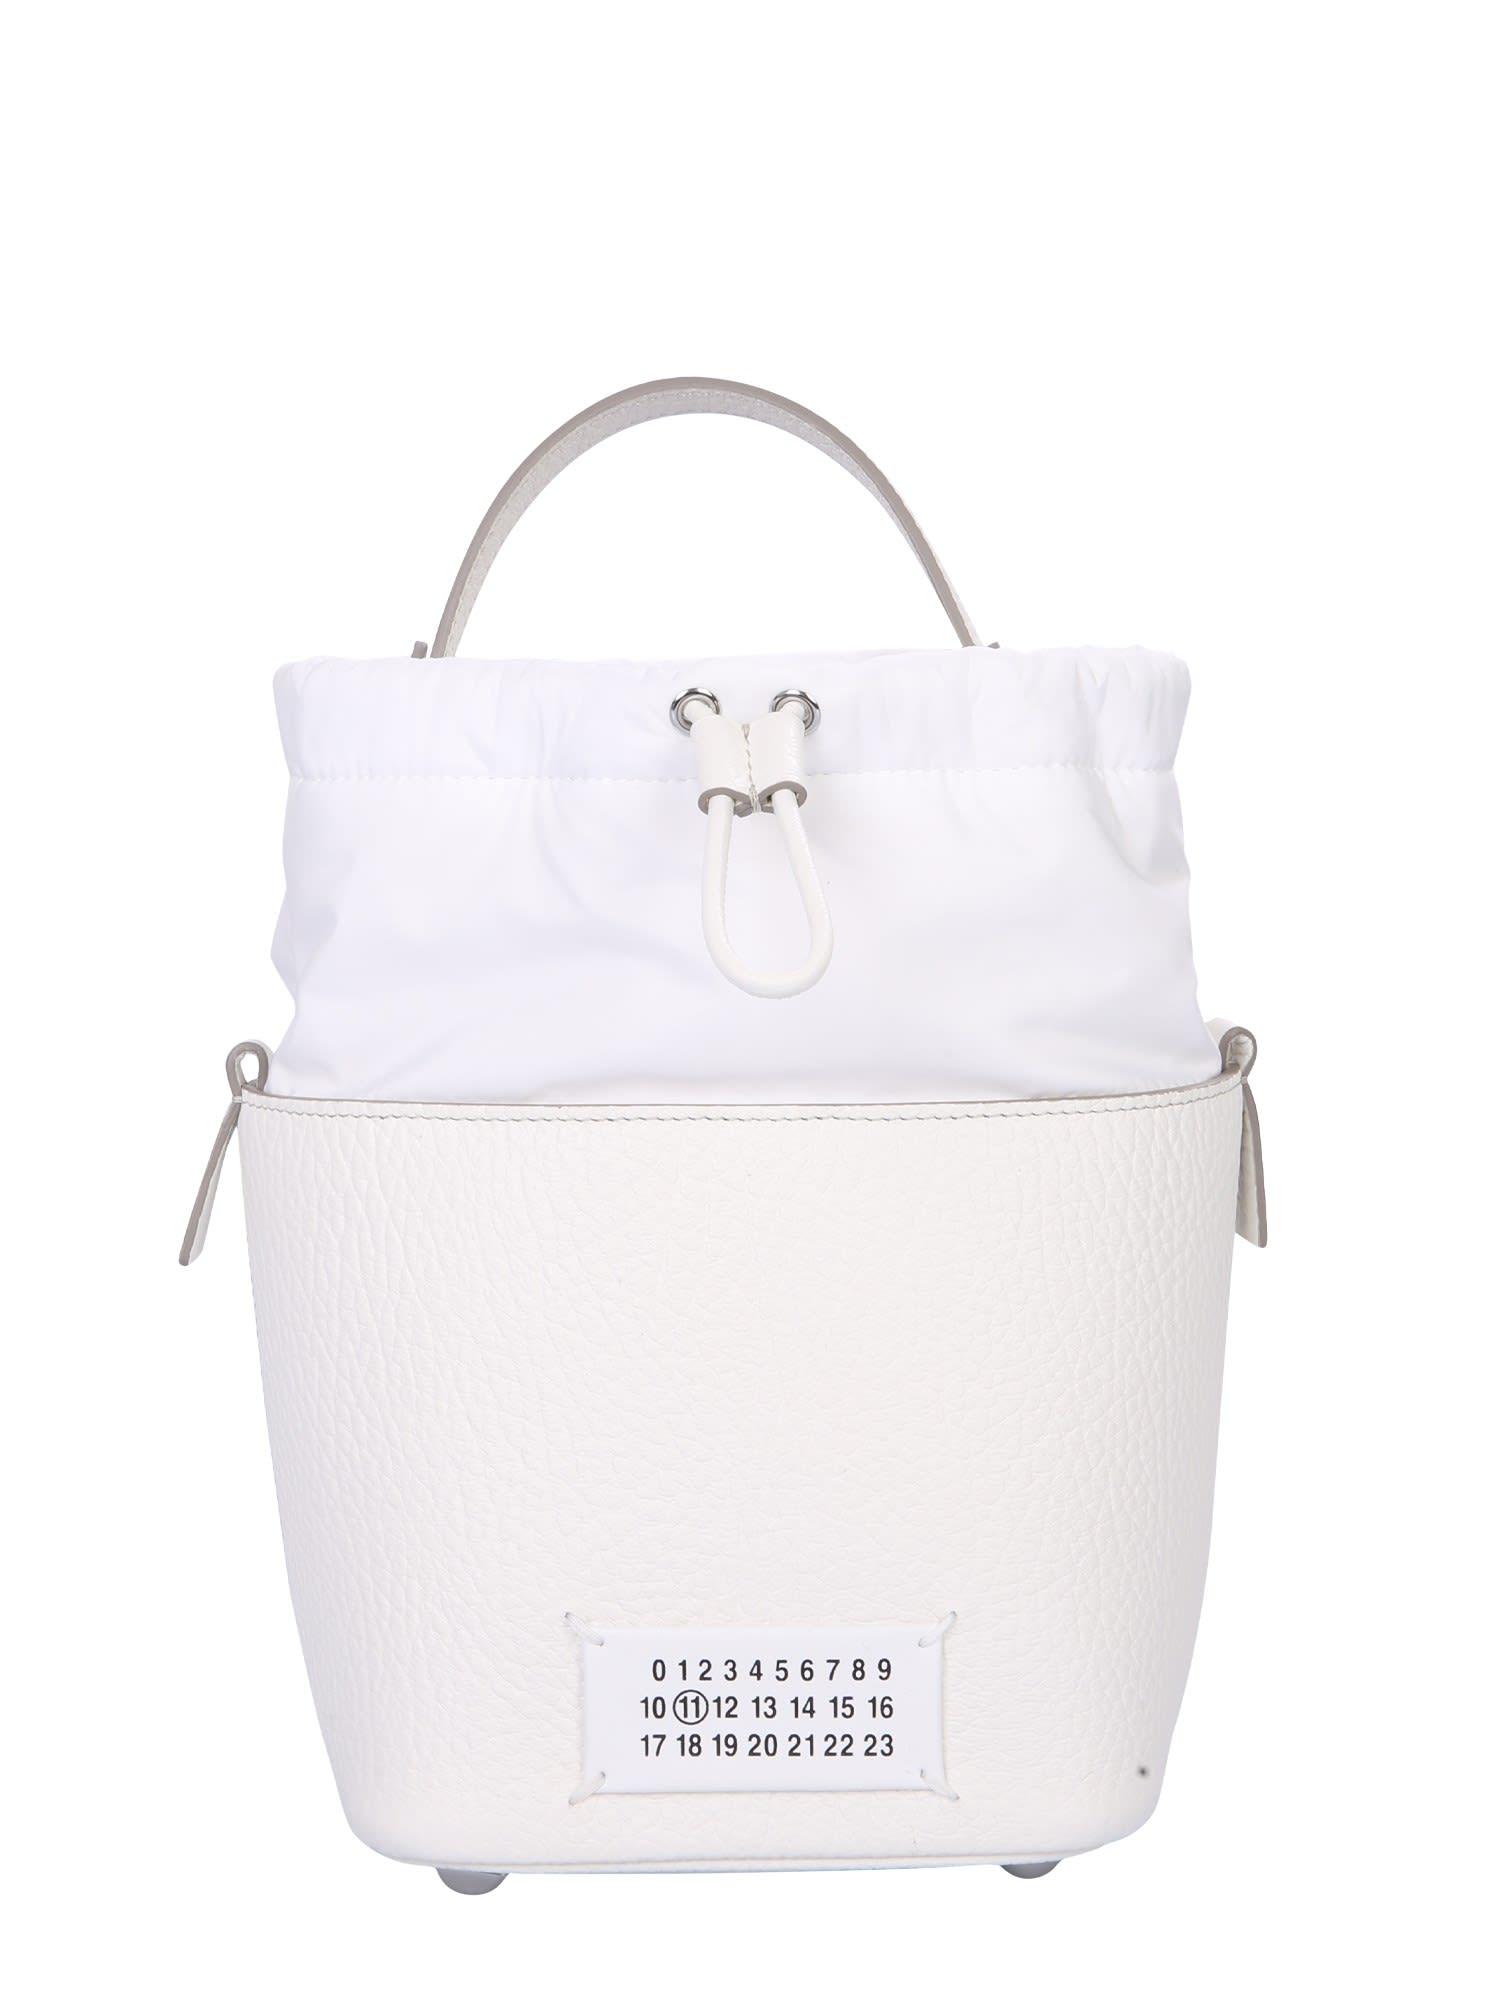 Maison Margiela Bucket Bag With Logo